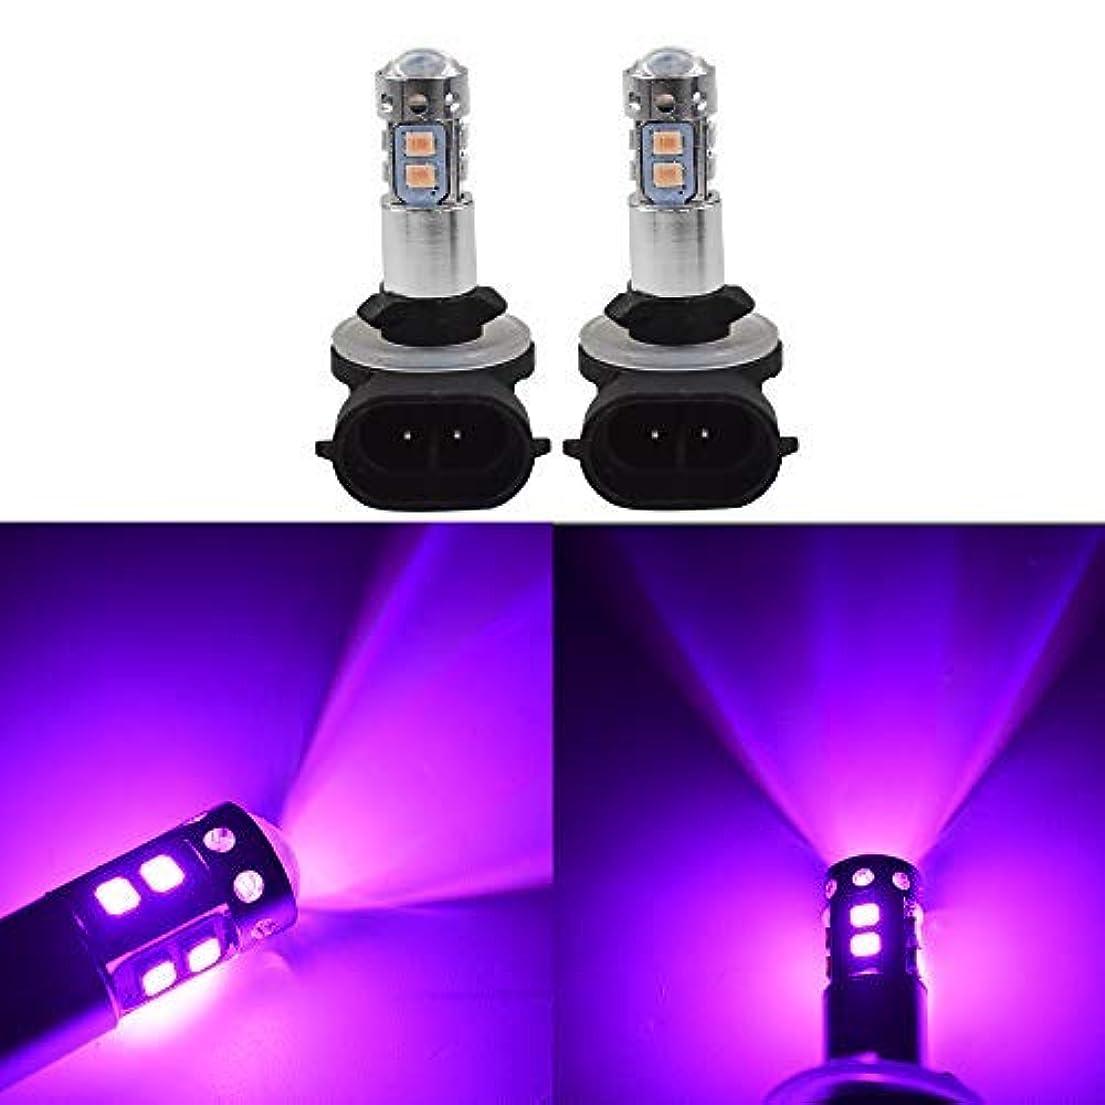 2x 881 889 14000K Purple 50W LED Headlight Bulbs Kit Fog Driving Light flwkl6091660557